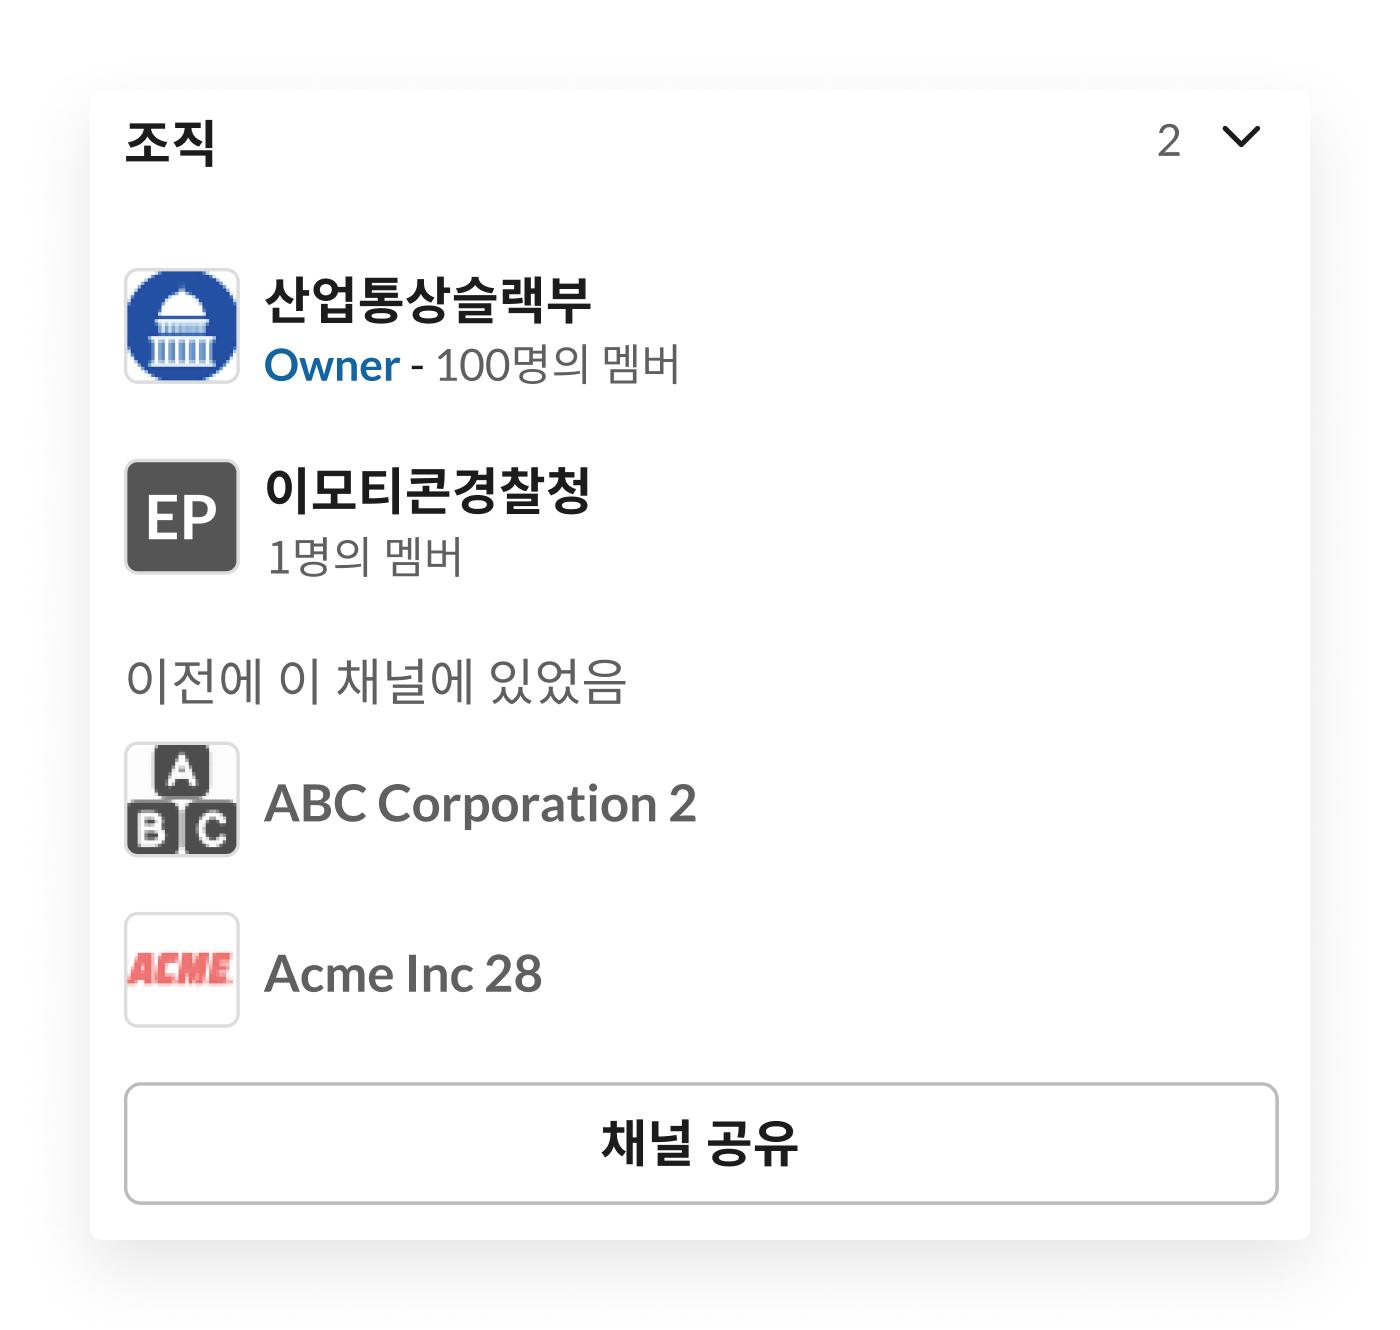 공유 채널의 조직 목록